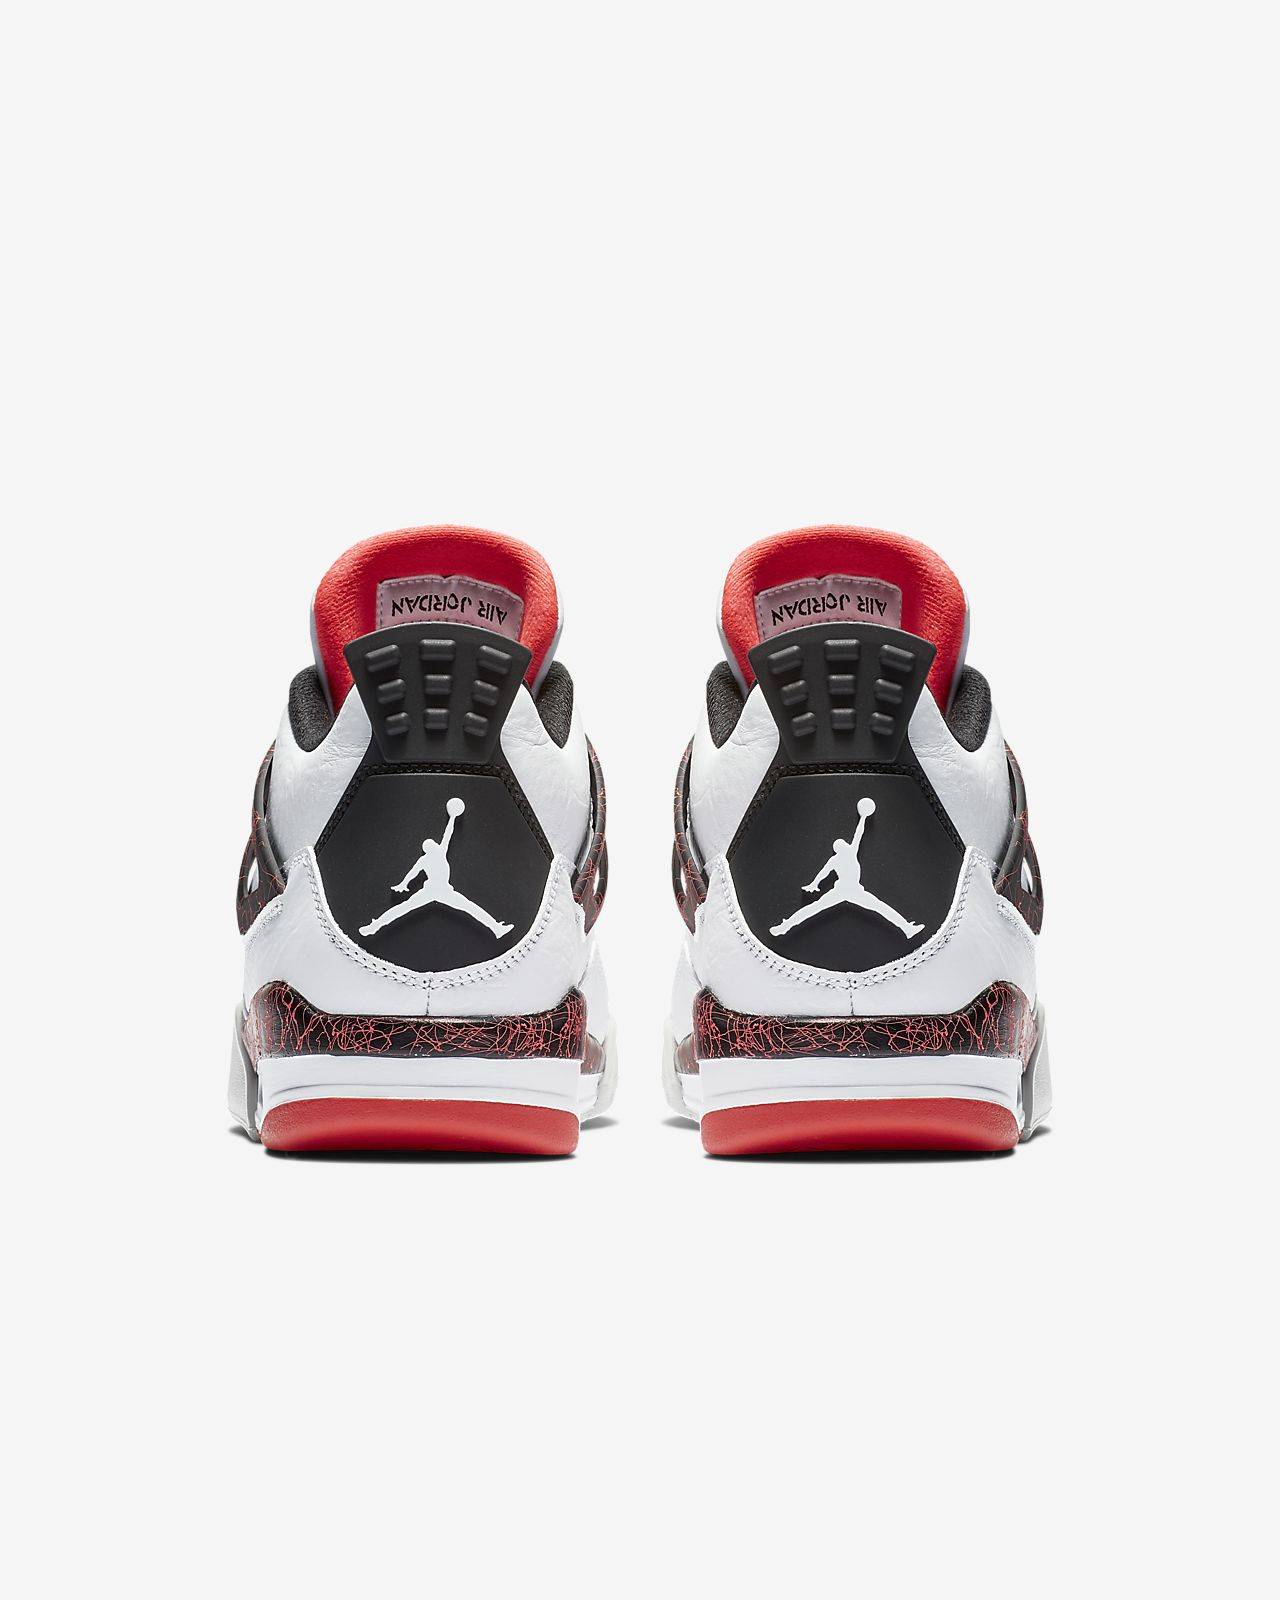 quality design 8124c 87e5b ... Air Jordan 4 Retro Men s Shoe